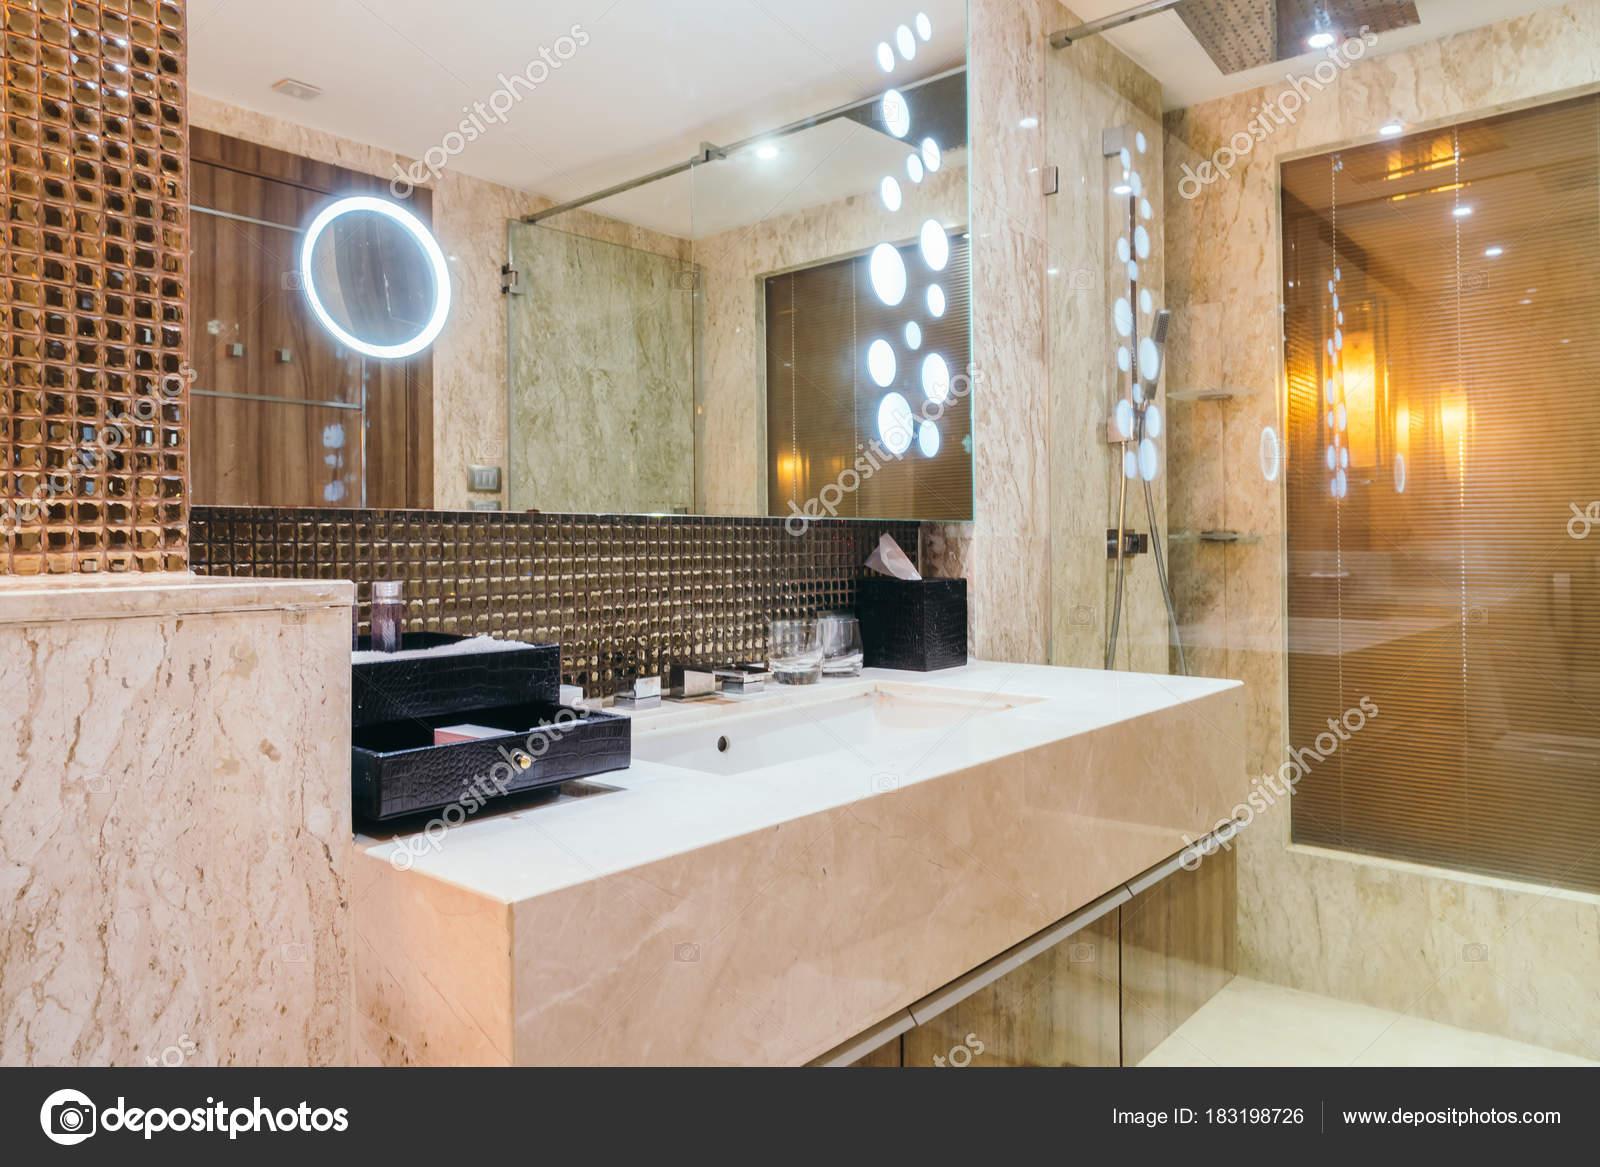 Grifo Lavabo Decoración Interior Cuarto Baño — Foto de stock ...